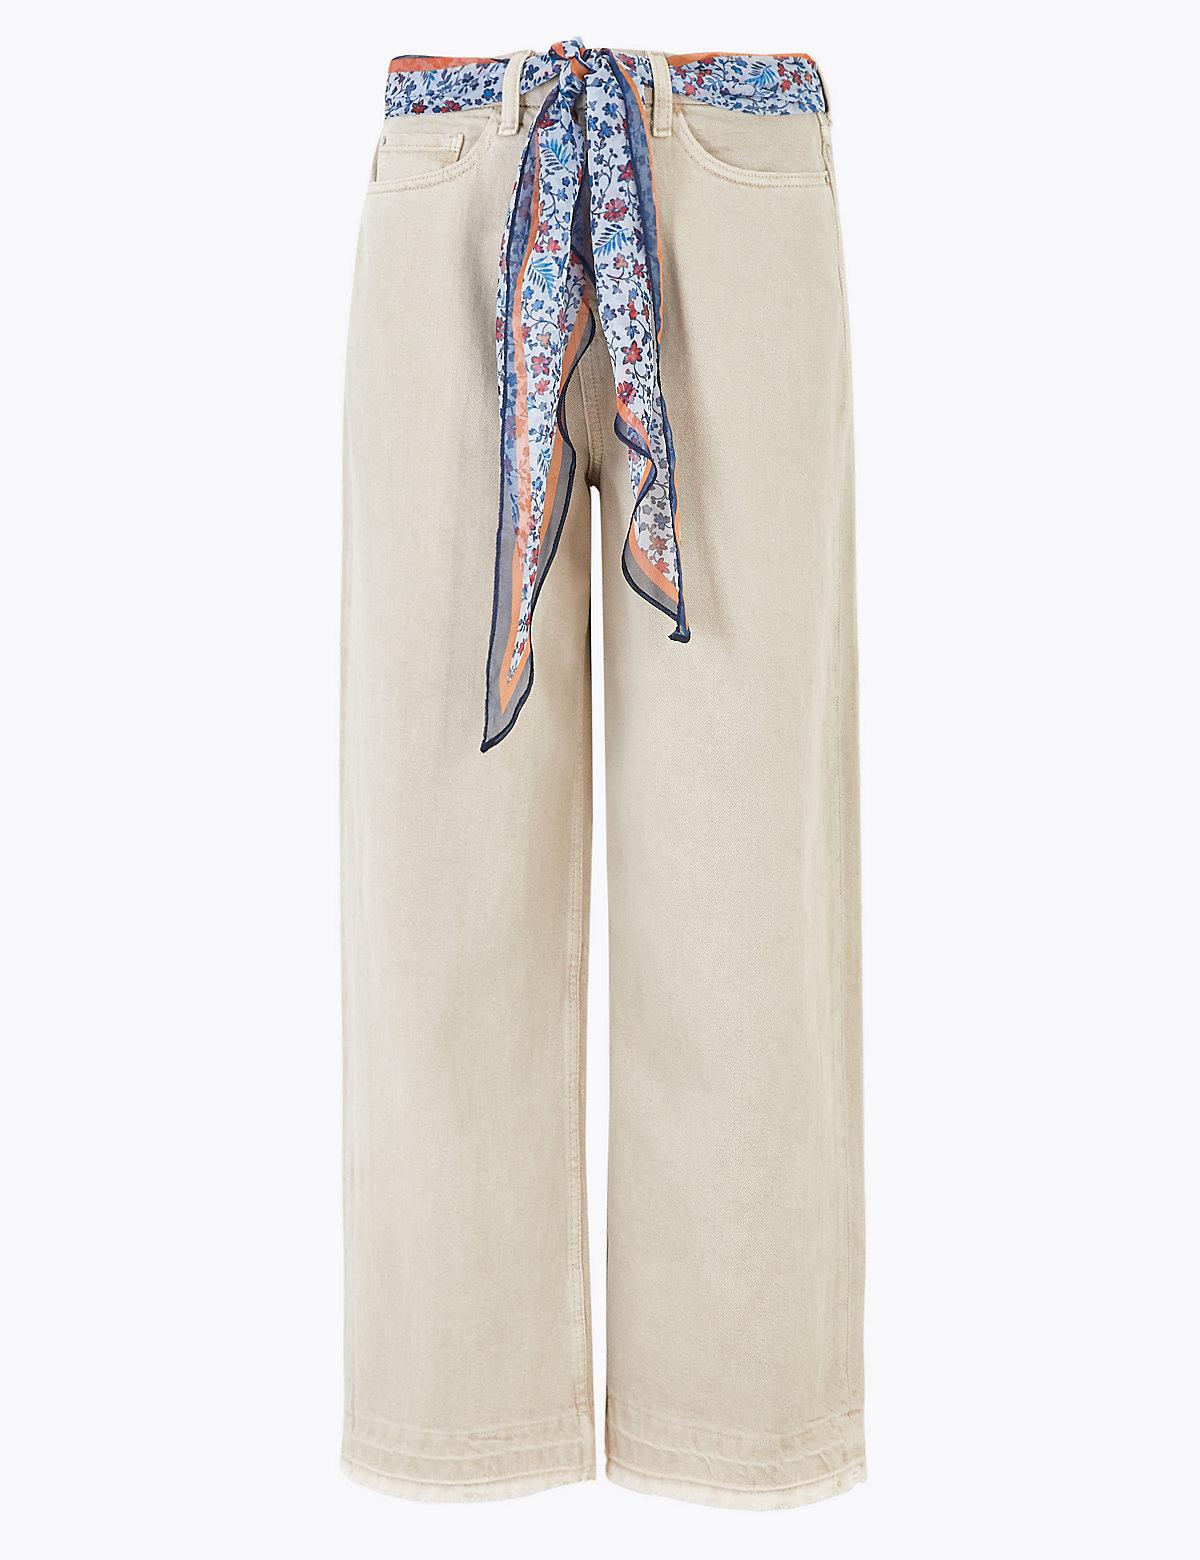 Джинсы с широкими штанинами и шарфом вместо пояса